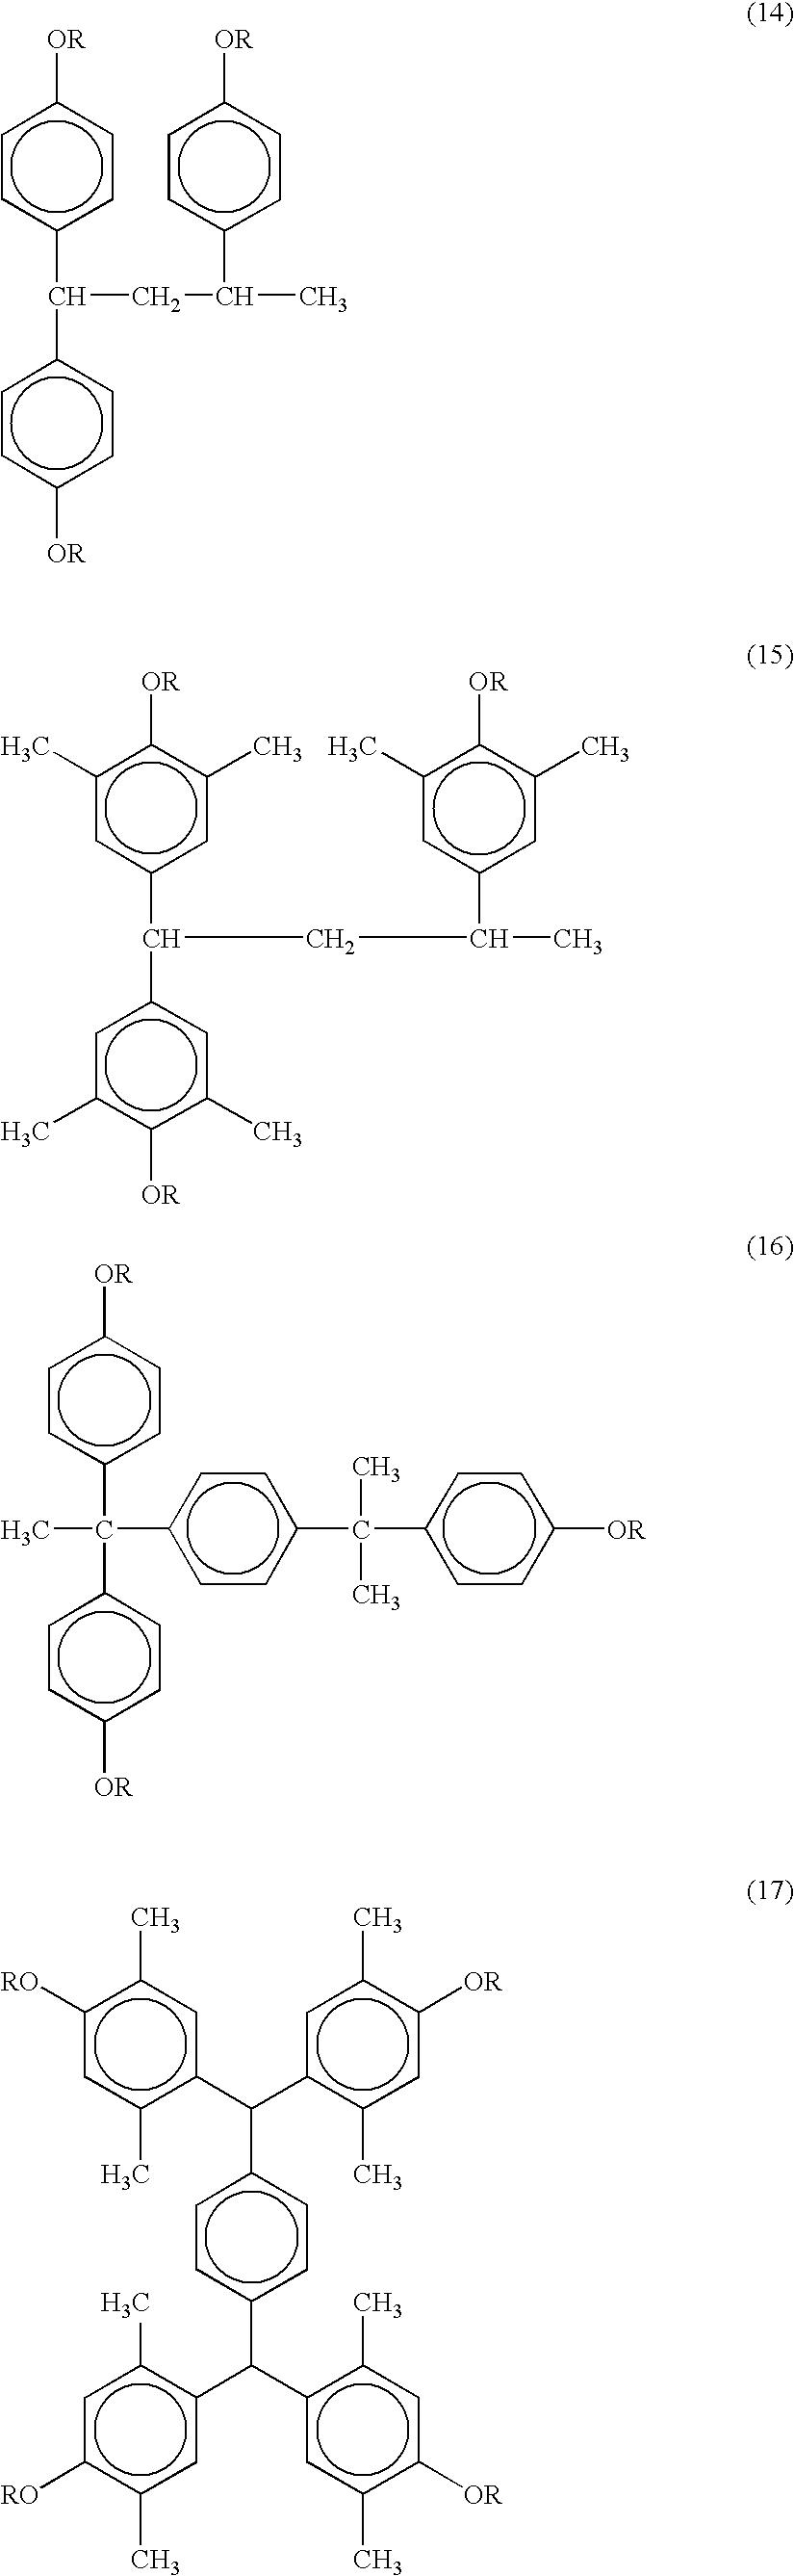 Figure US20070003871A1-20070104-C00084